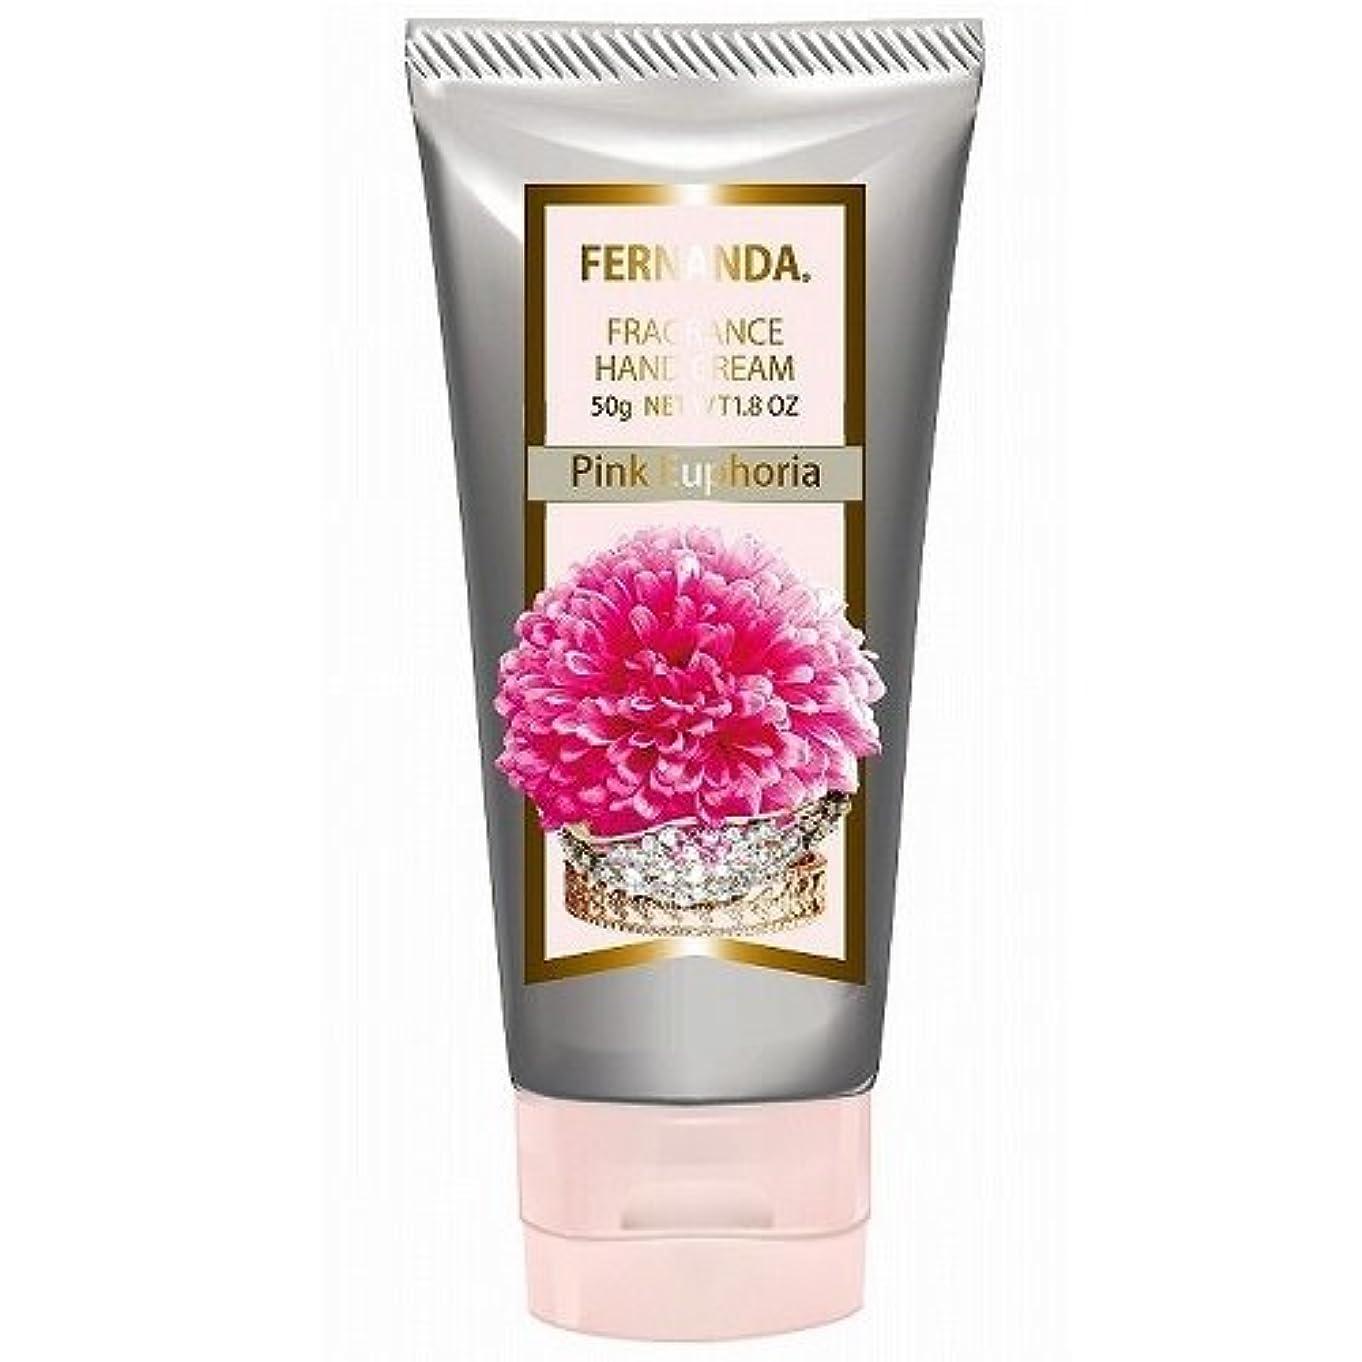 出身地オーク災害FERNANDA(フェルナンダ) Hand Cream Pink Euphoria (ハンドクリーム ピンクエウフォリア)